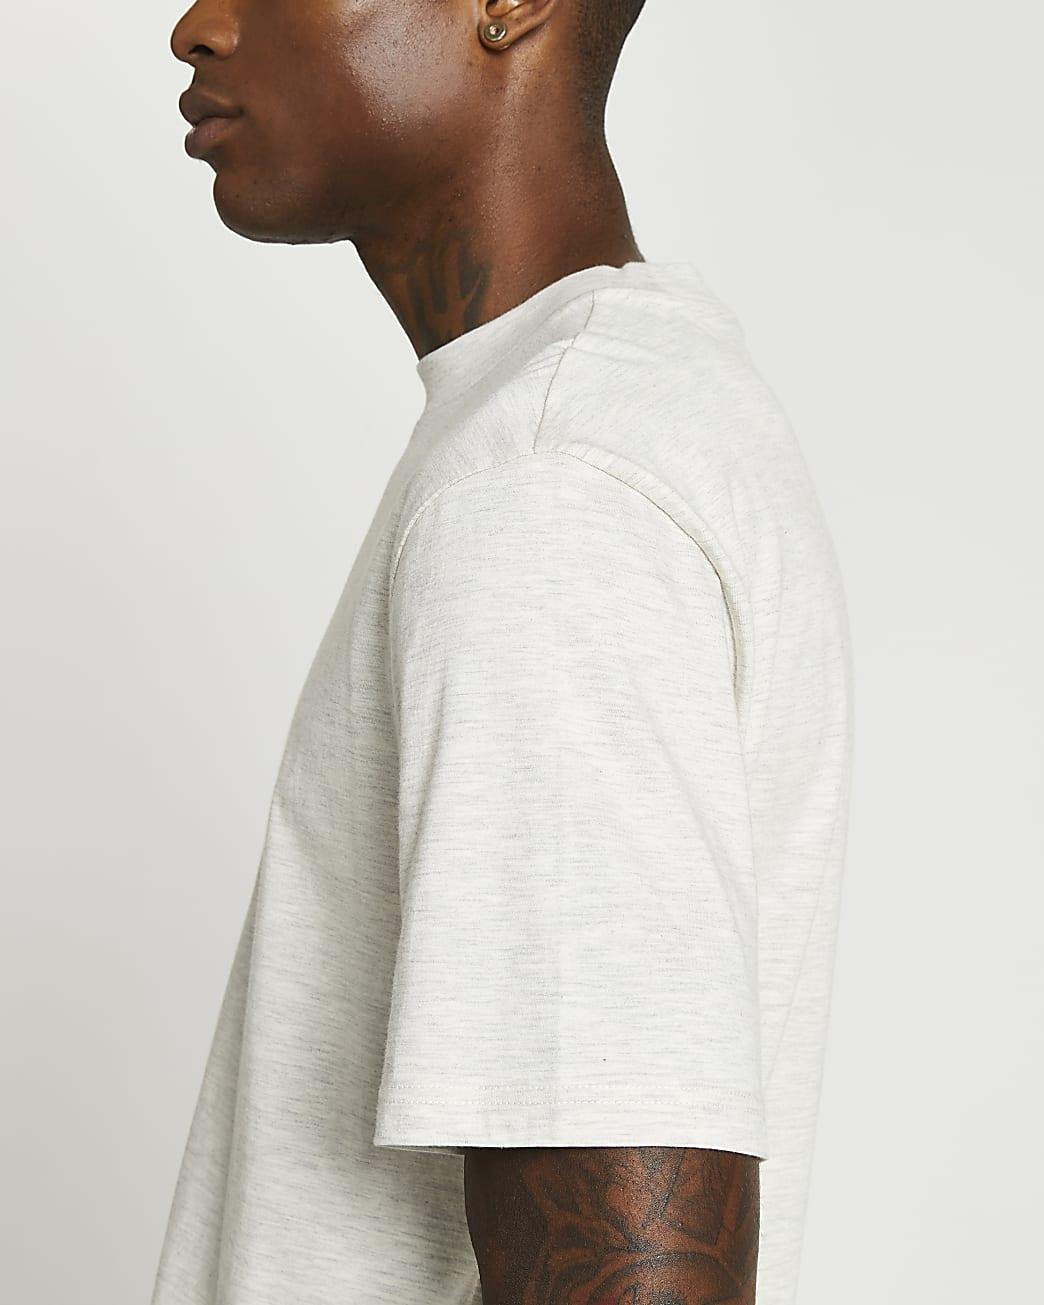 Ecru regular fit short sleeve t-shirt